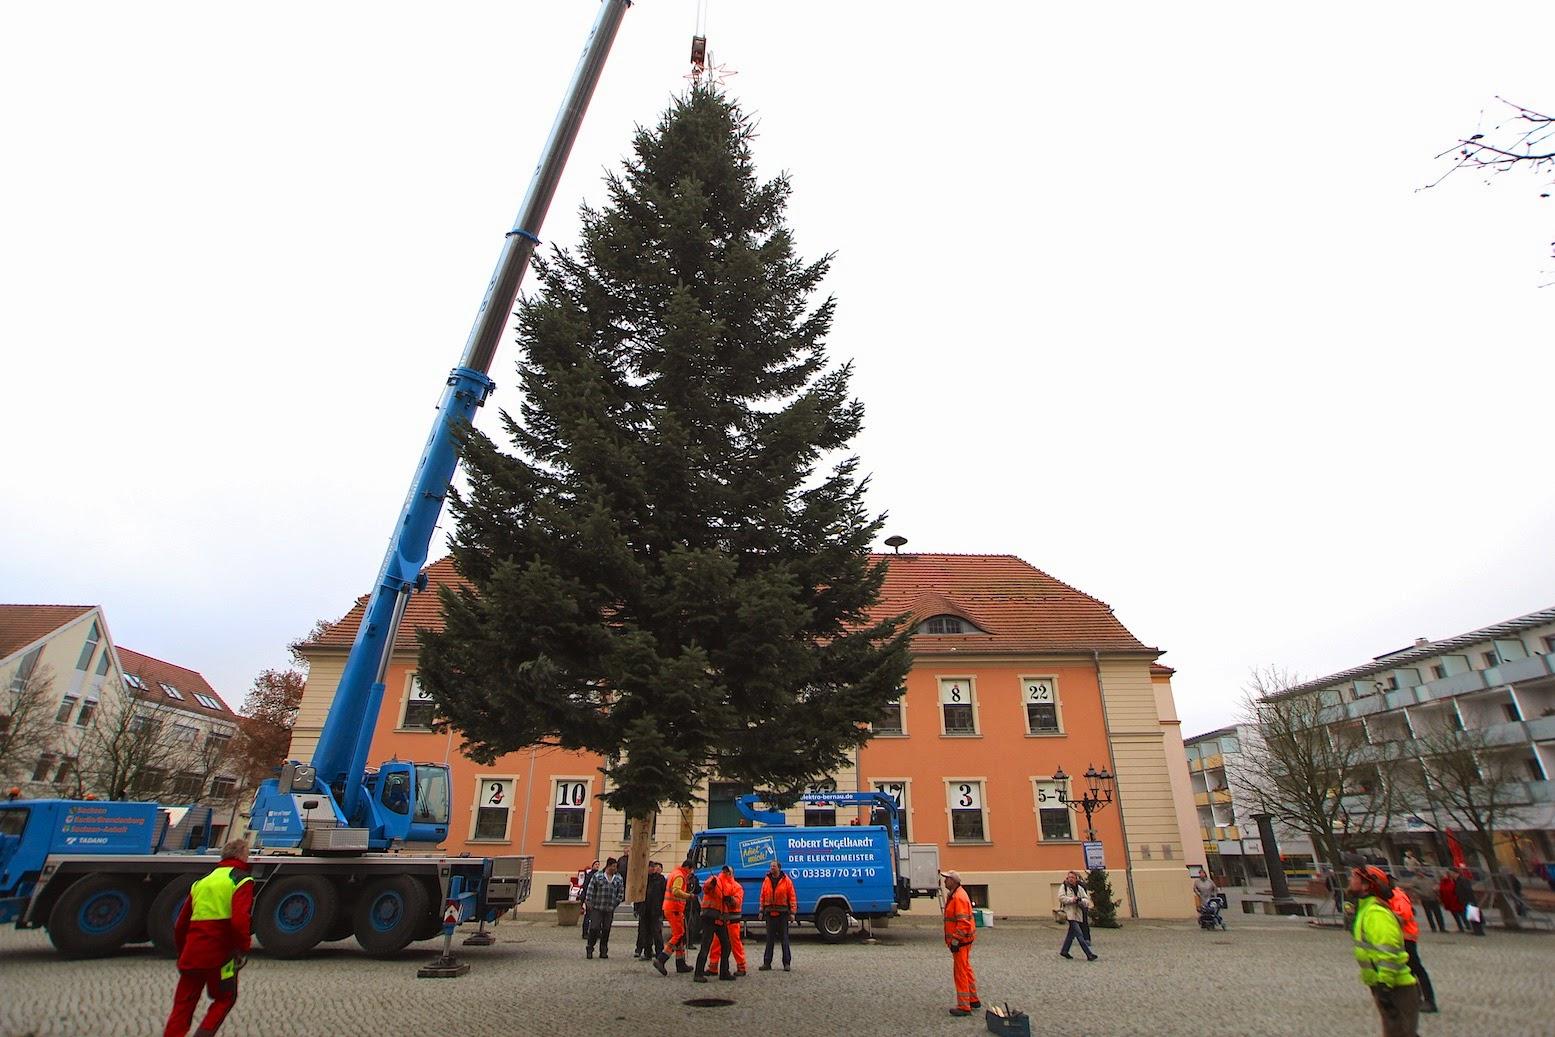 Nachtrag zum Bernauer Weihnachtsbaum: Bilder, Infos, Fakten ...